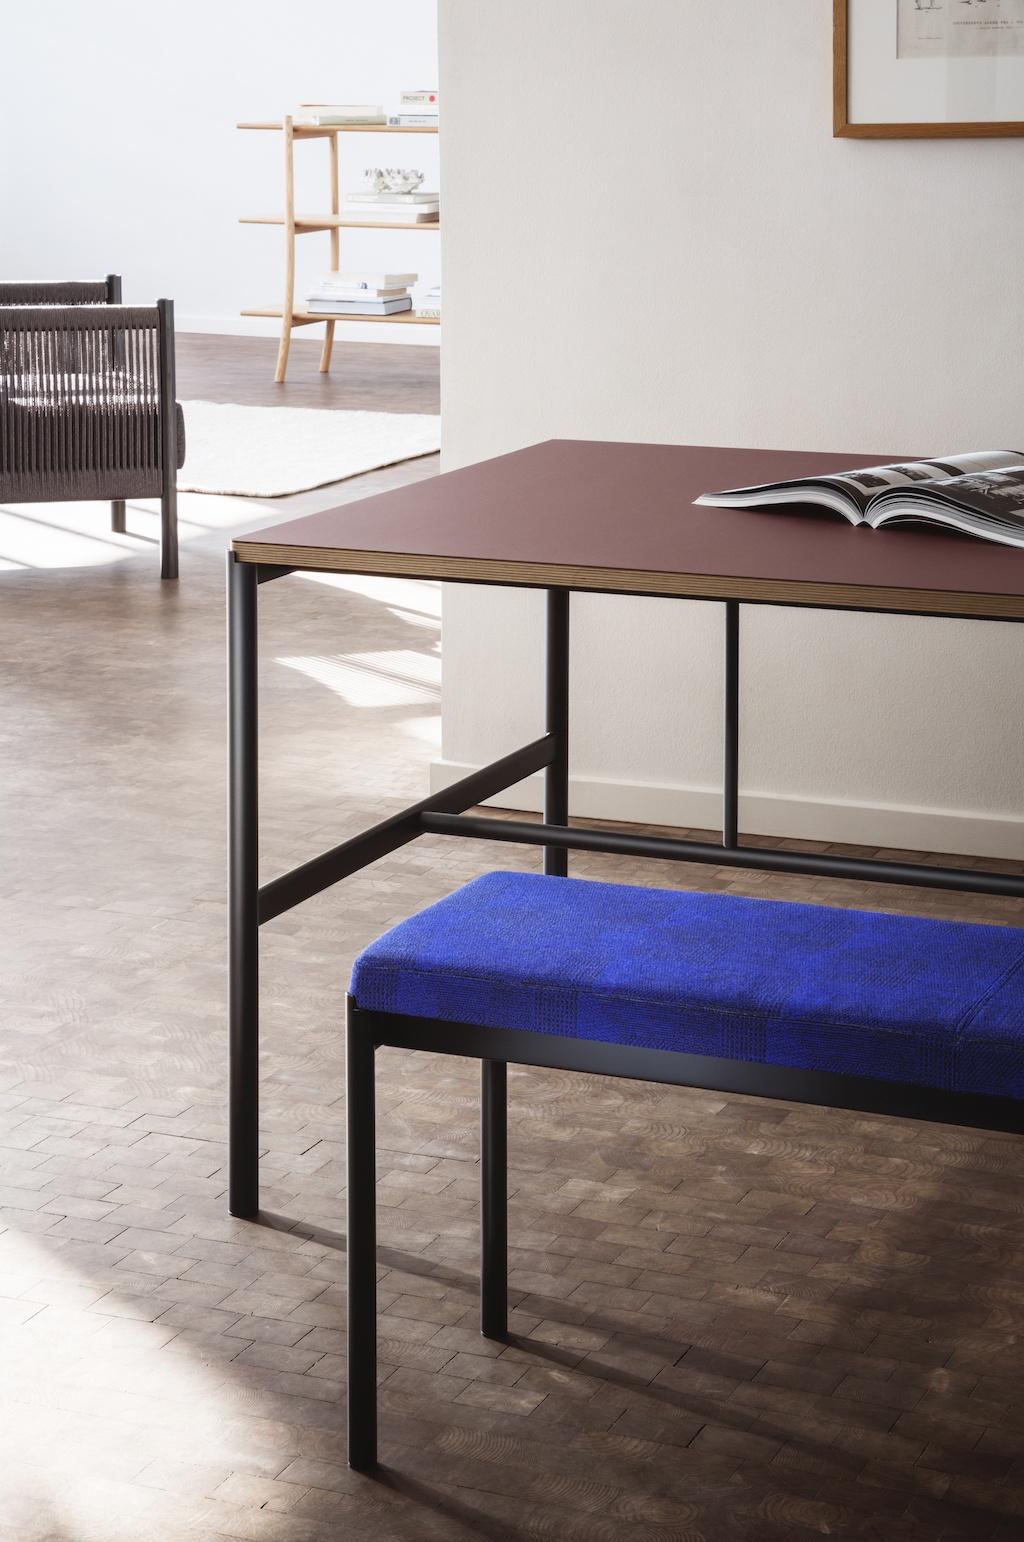 Mies Esstisch mit weinroter Tischfläche aus Linoleum von Million